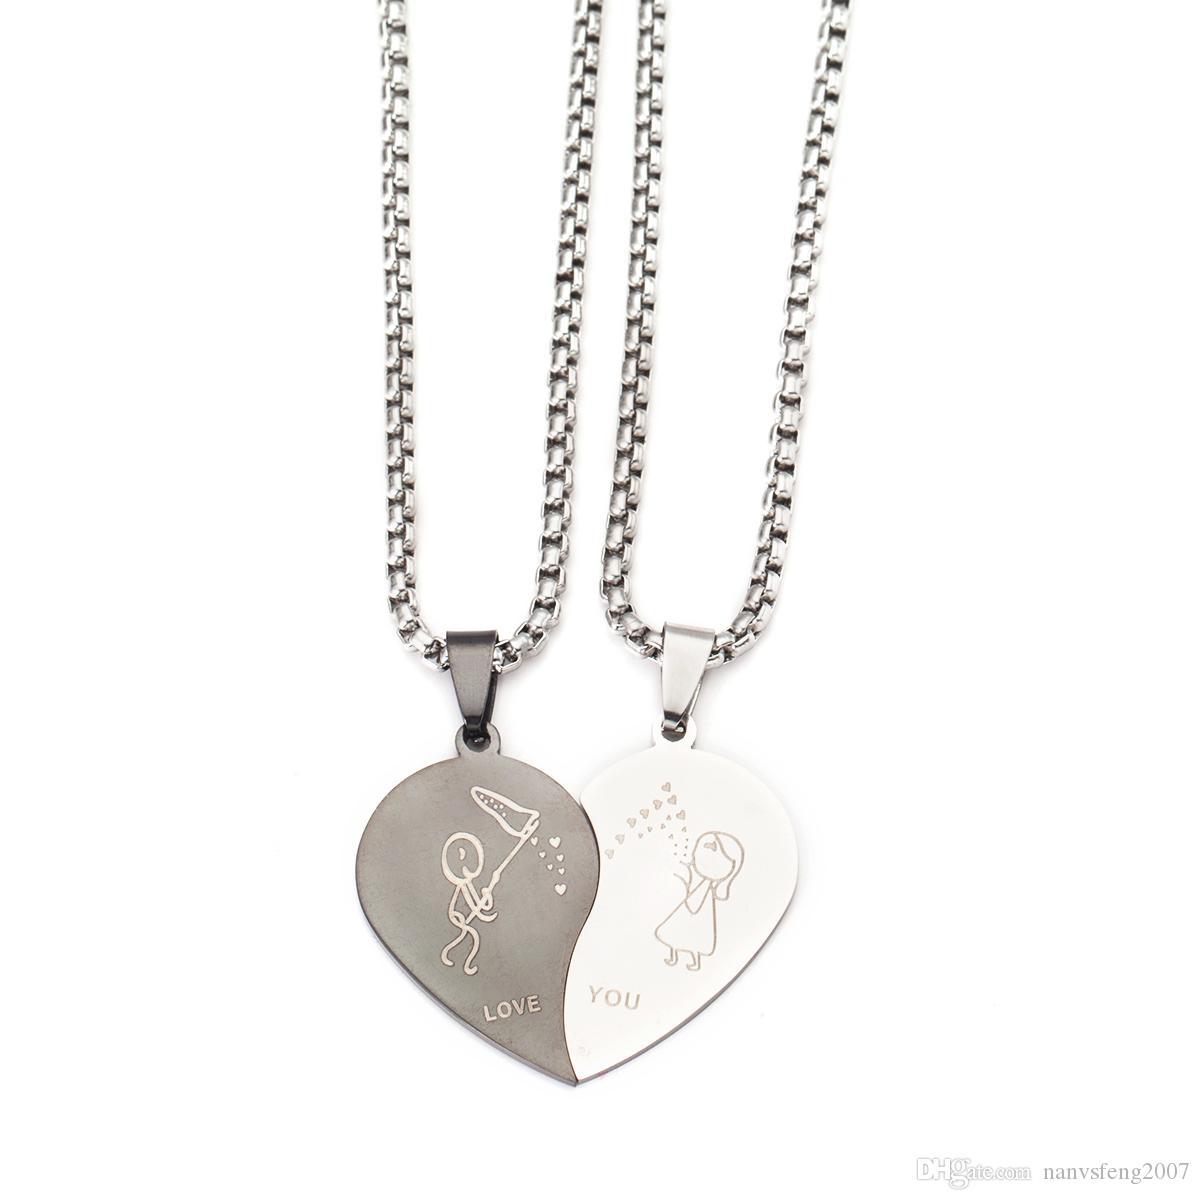 Casais Coração Amor Querida Colar de Pingente de Aço Inoxidável Jóias Romântico Te Amo Jóias